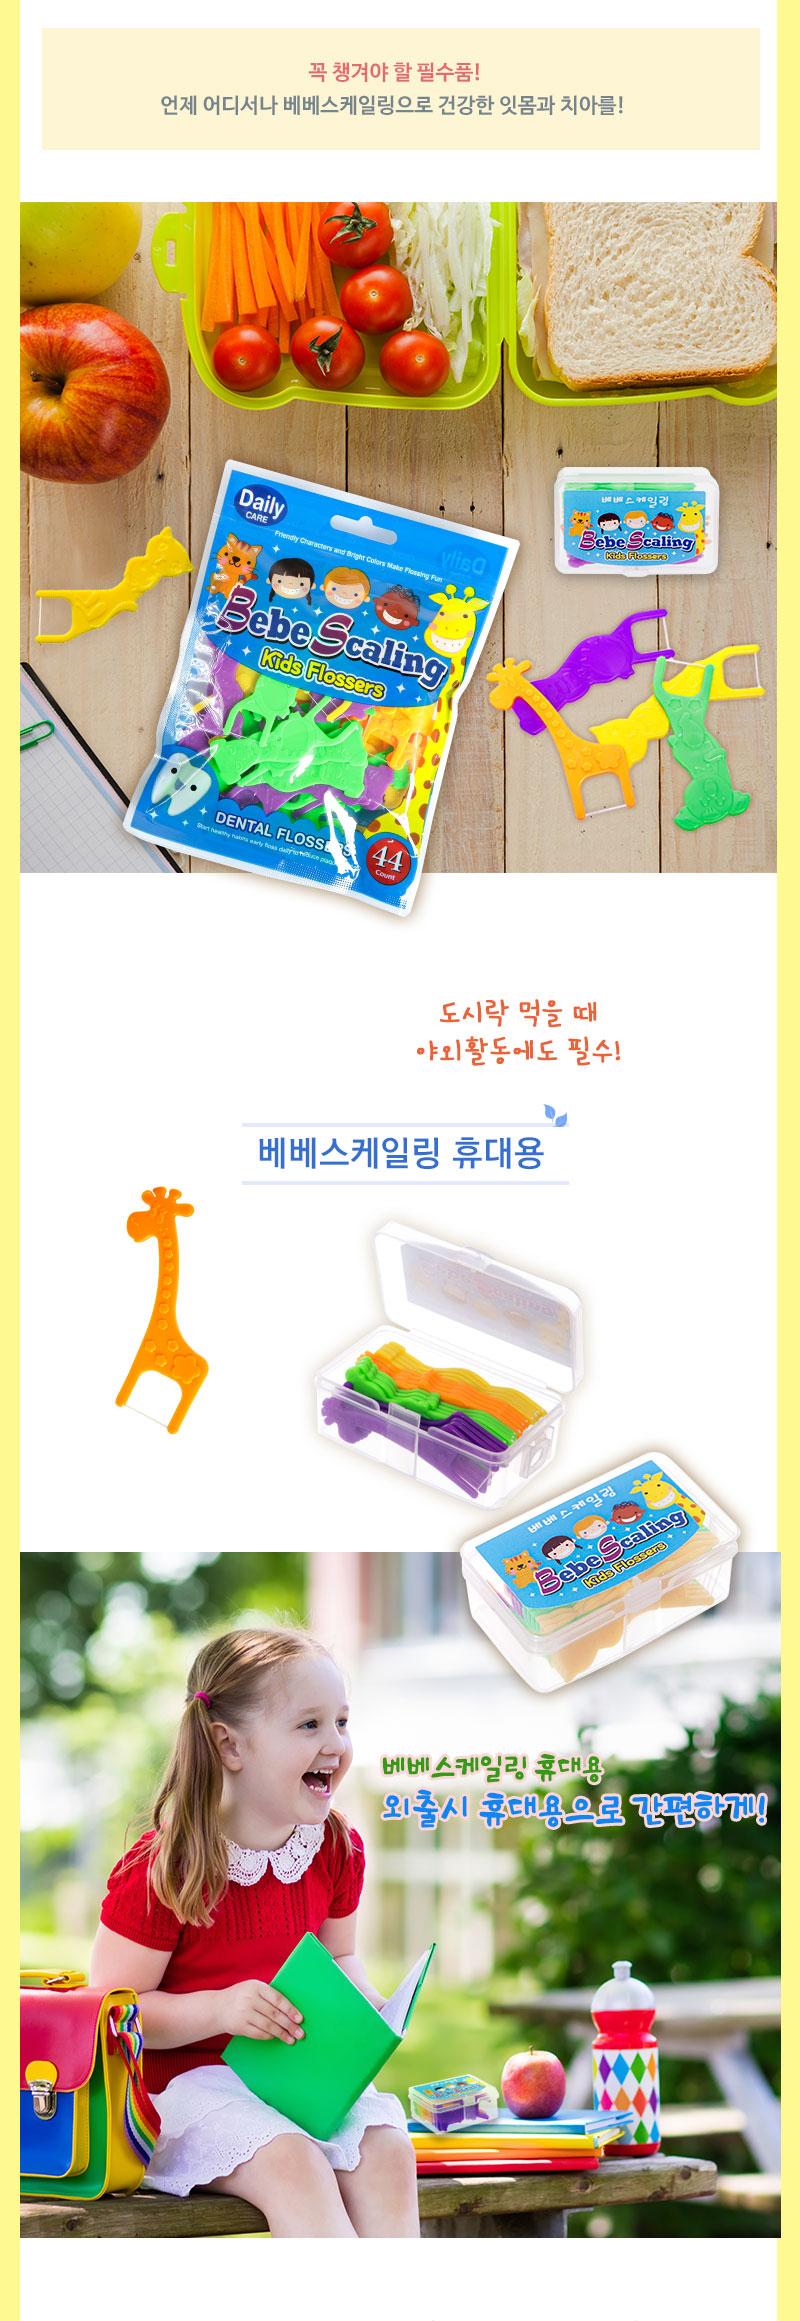 얇은치실 어린이전용 베베스케일링 44개X3봉지 - 키즈네임, 14,800원, 목욕용품, 칫솔/치약